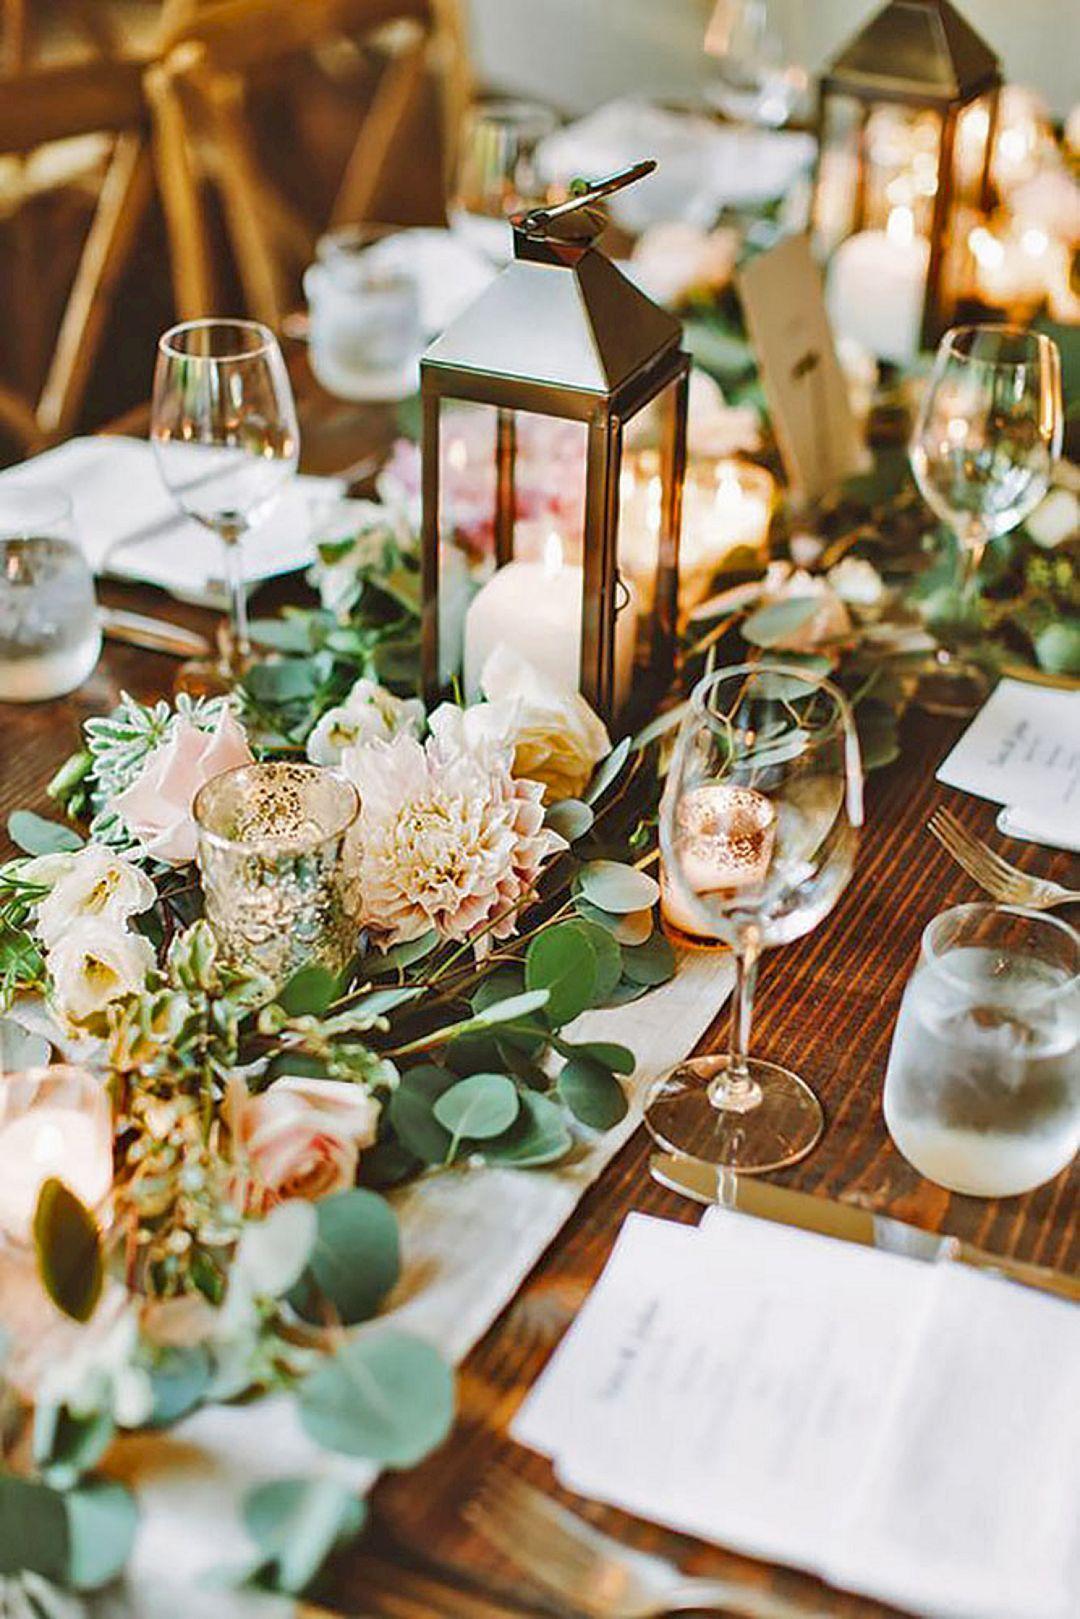 24 diy creative rustic chic wedding centerpieces ideas | rustic